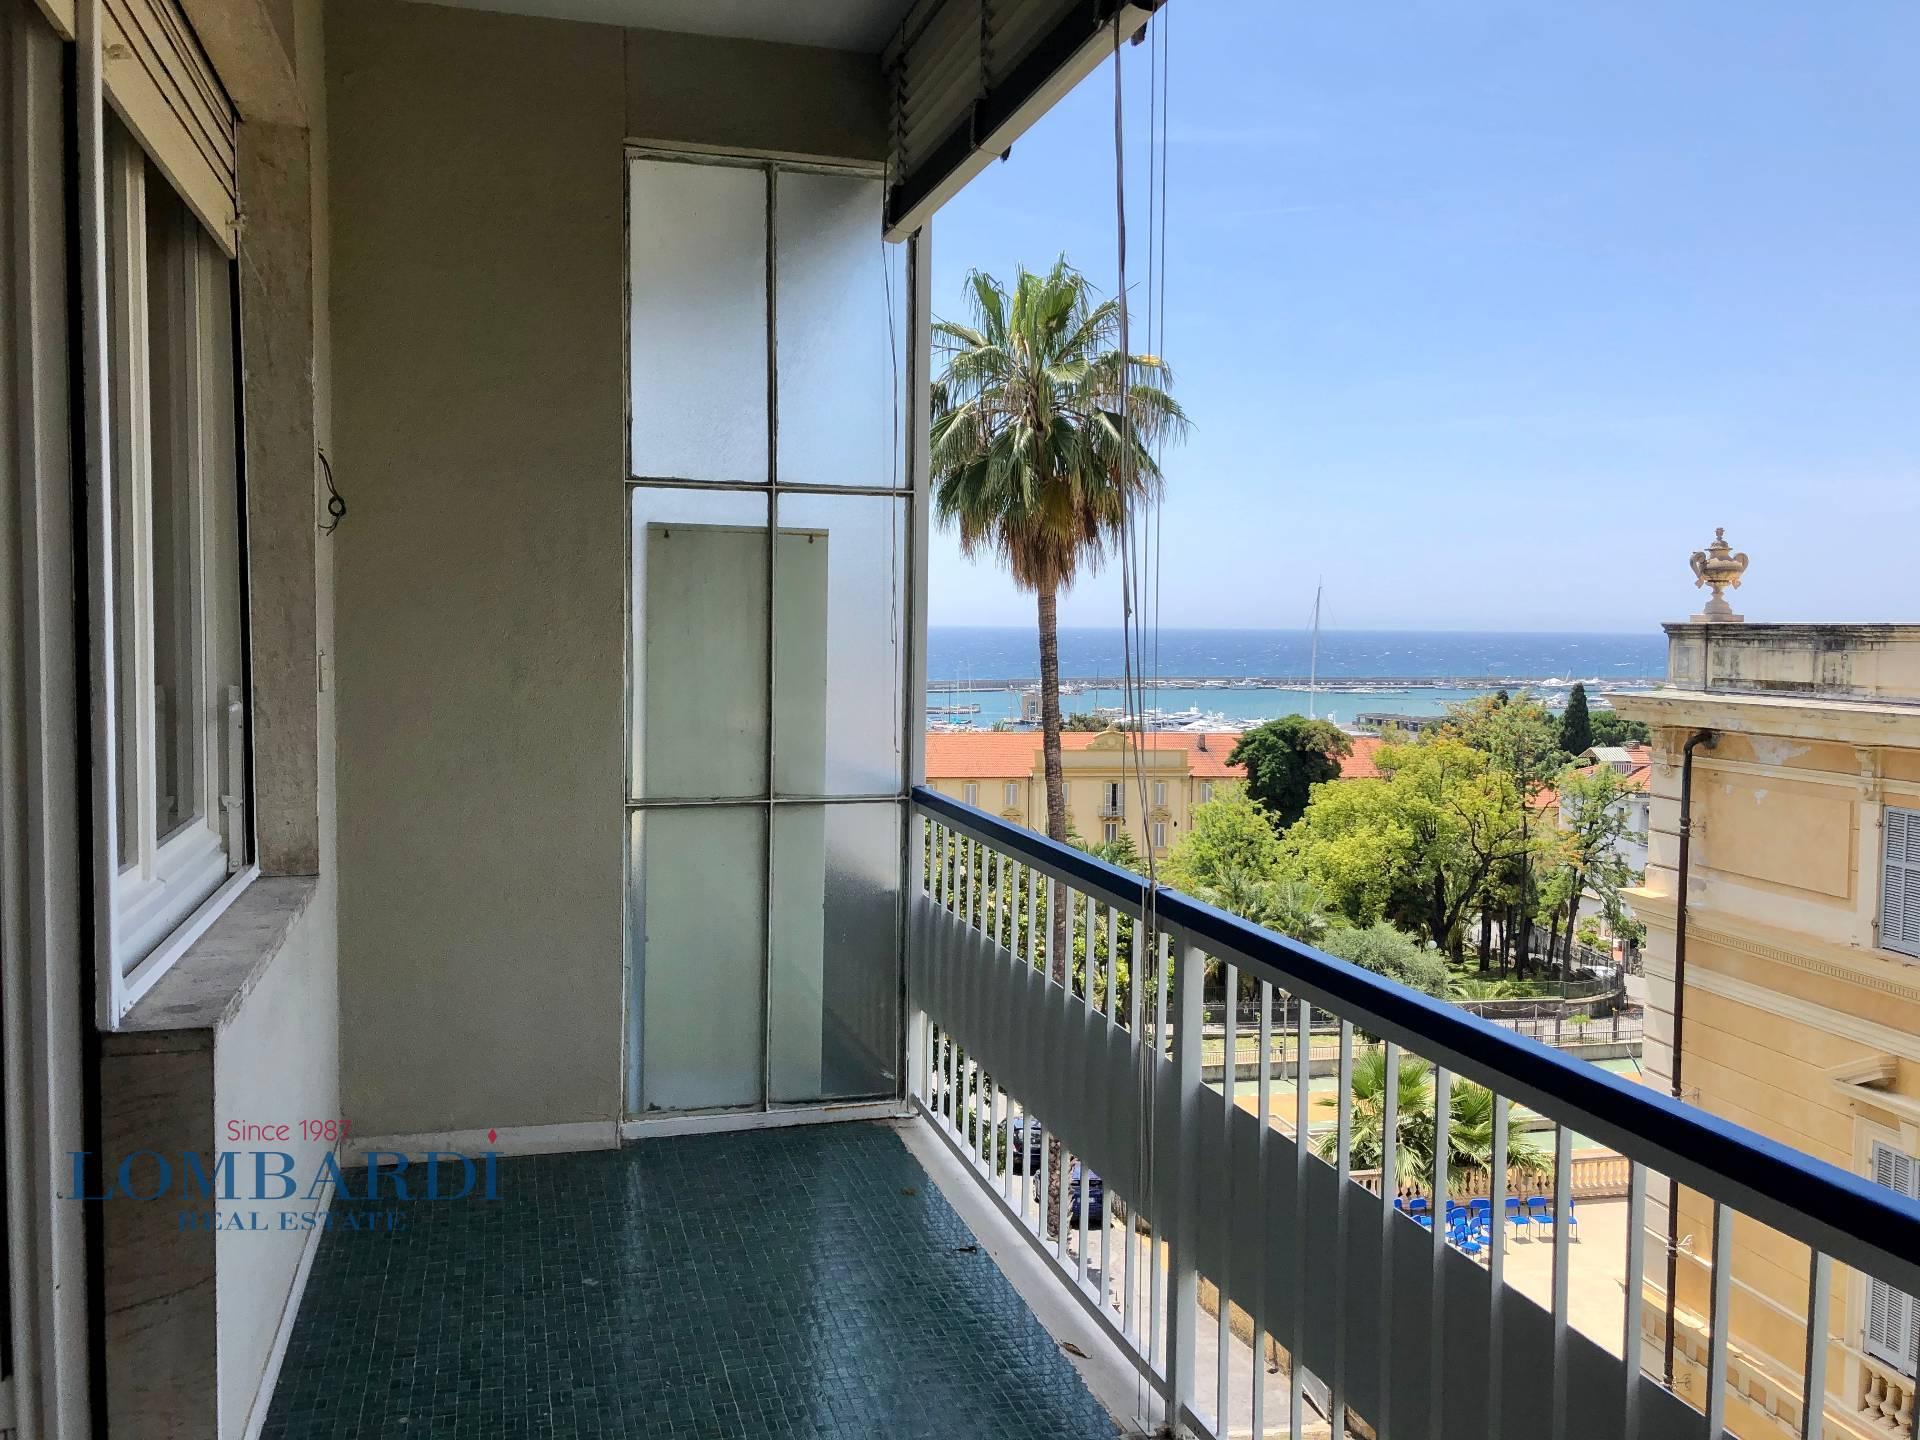 Appartamento in affitto a SanRemo, 2 locali, prezzo € 900   CambioCasa.it